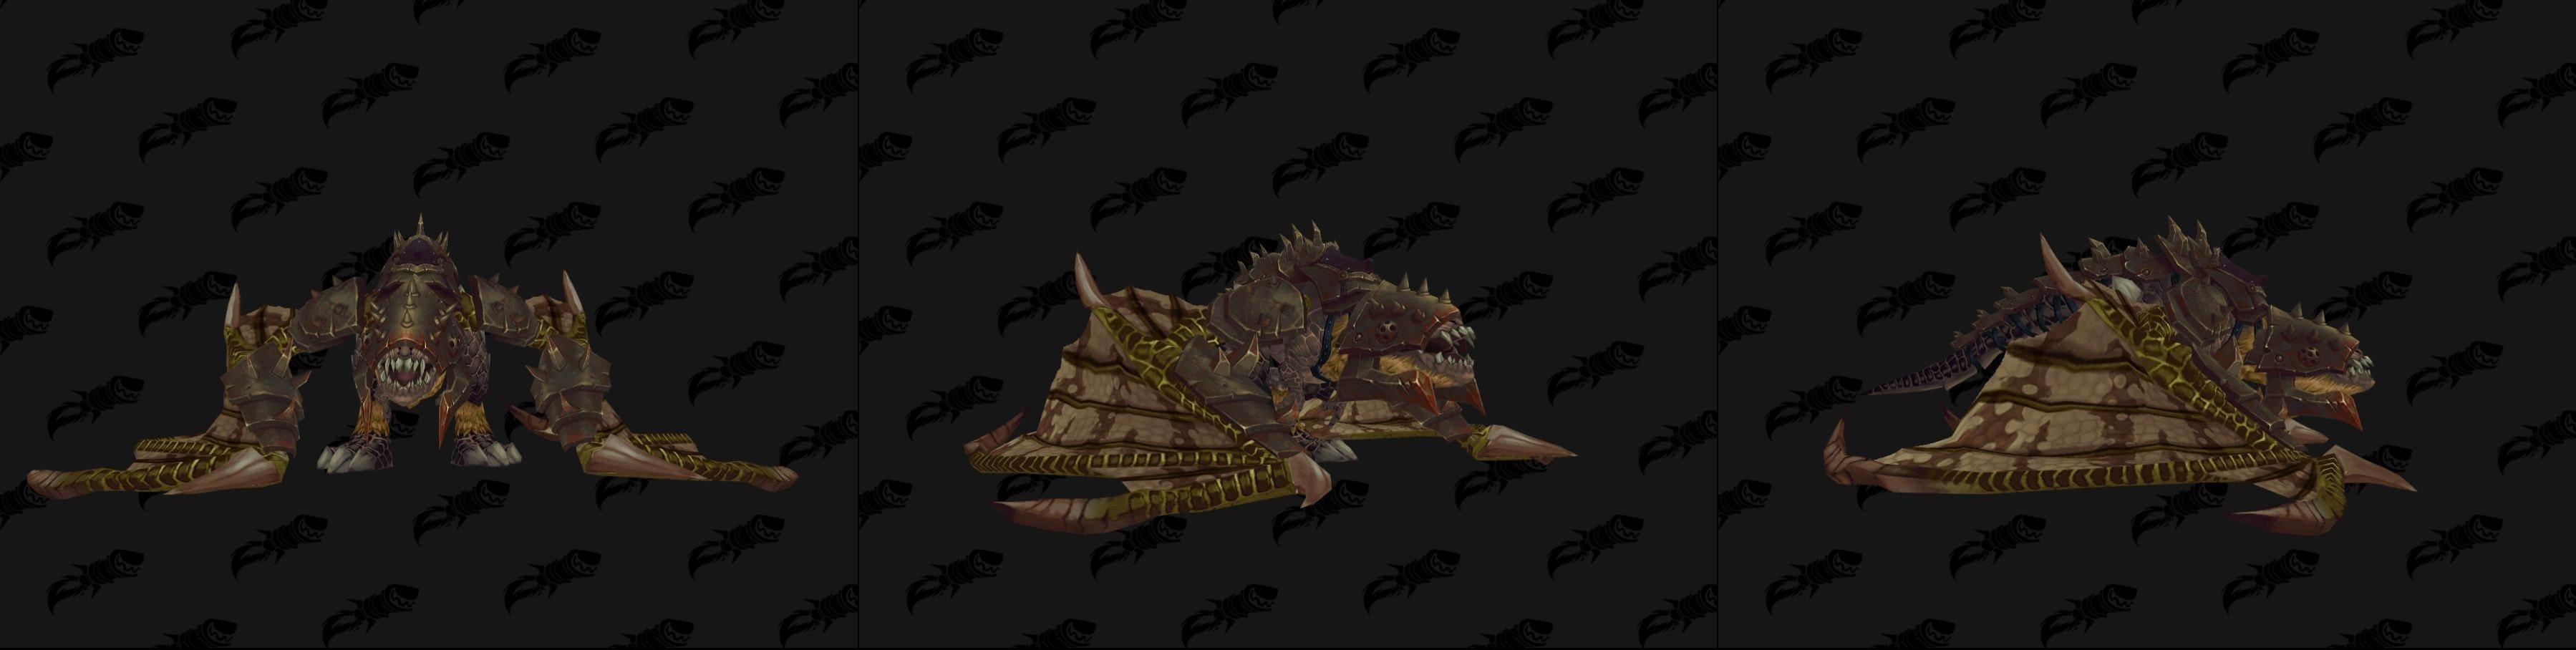 La monture volante de gladiateur s'obtient avec une côte de 2400 +